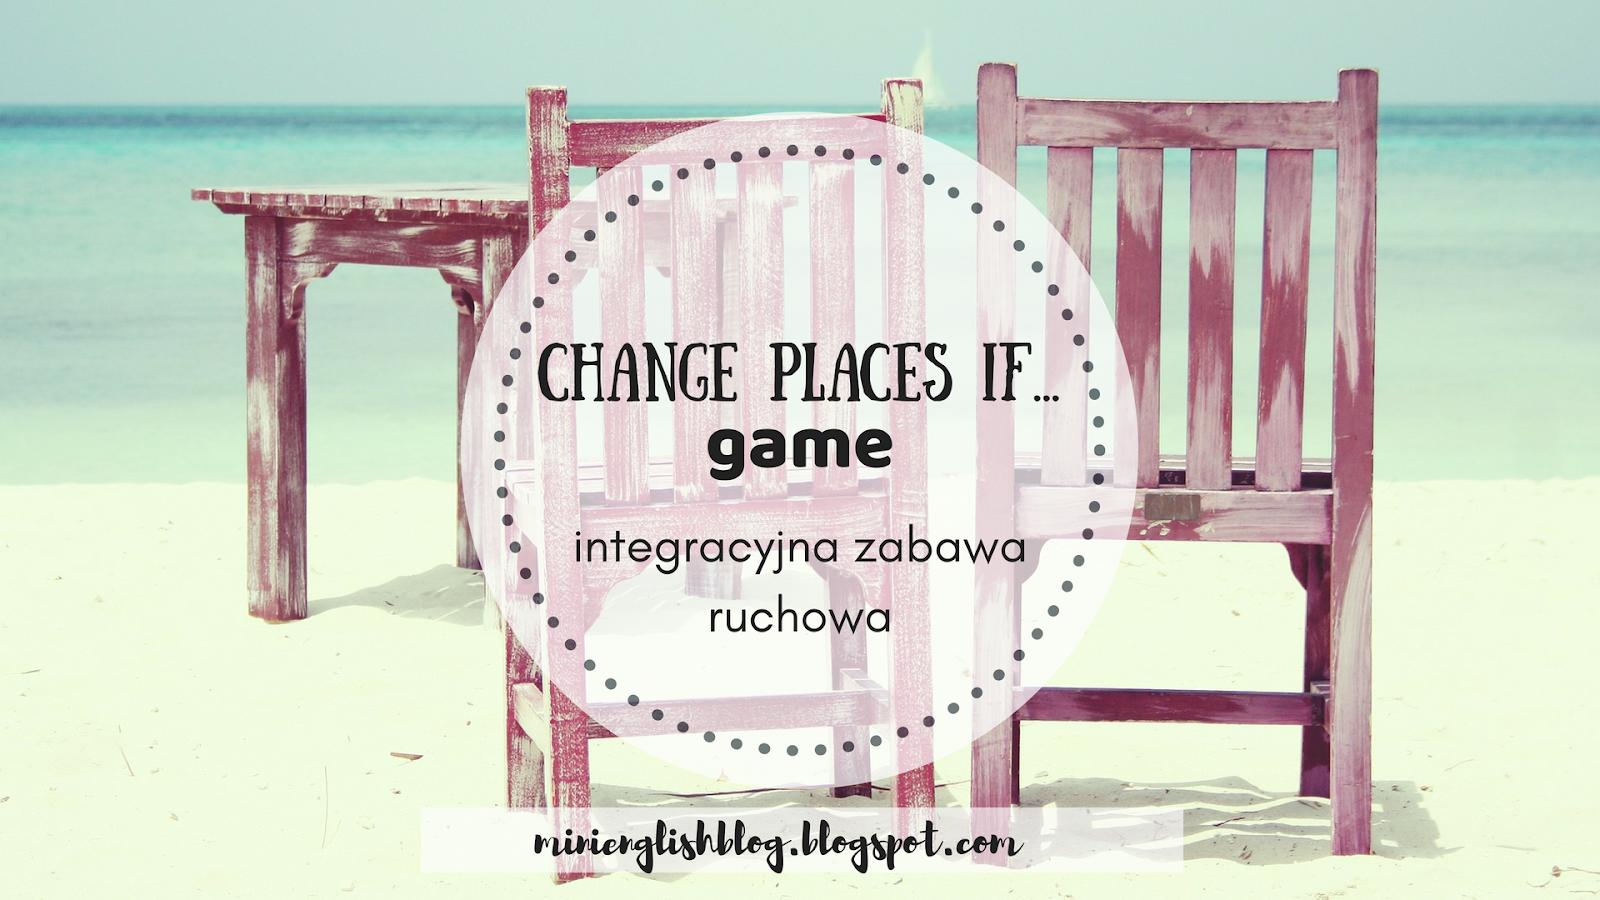 Z cyklu Lodołamcze. Change places if... game